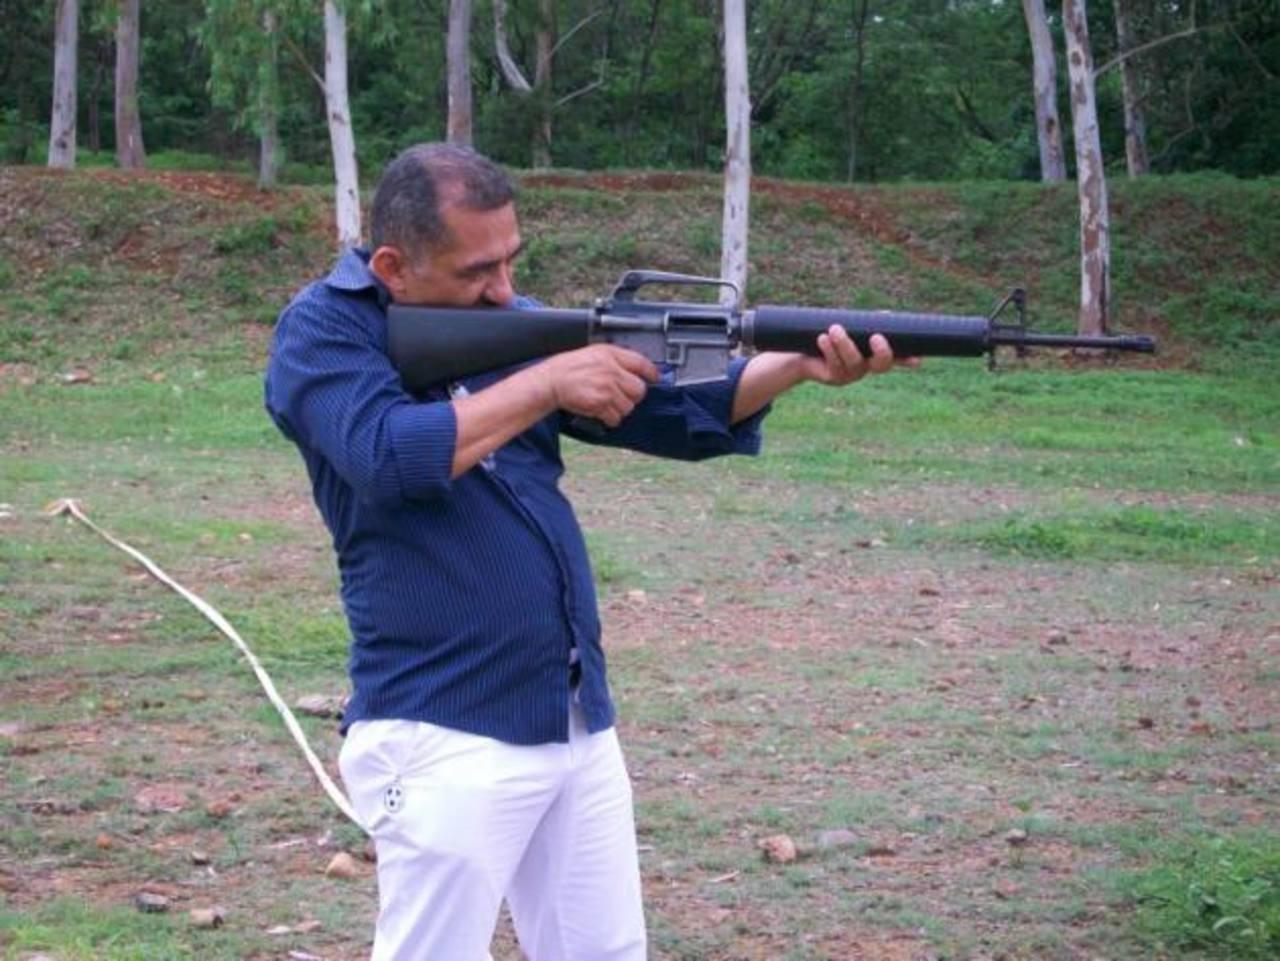 En la gráfica se aprecia a Salinas disparando con un fusil M-16 que parece viejo, lo que no es congruente con el argumento de que era una empresa que llegó a mostrarlo. Foto EDH